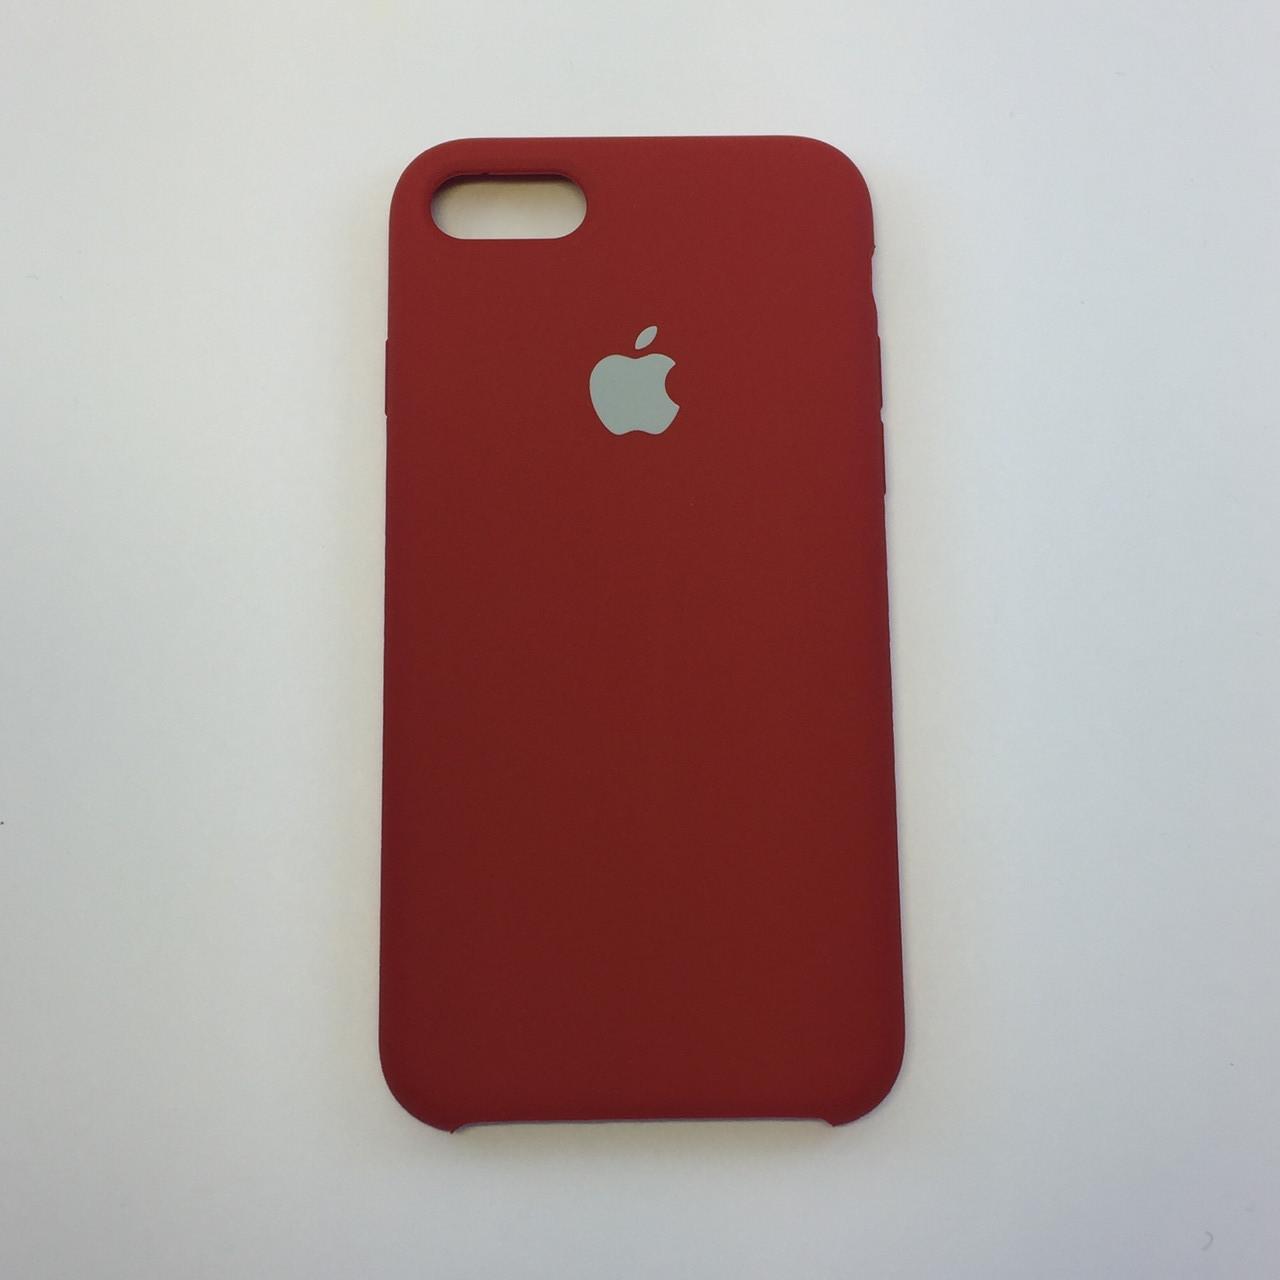 Силиконовый чехол для iPhone 8, цвет RED - copy original